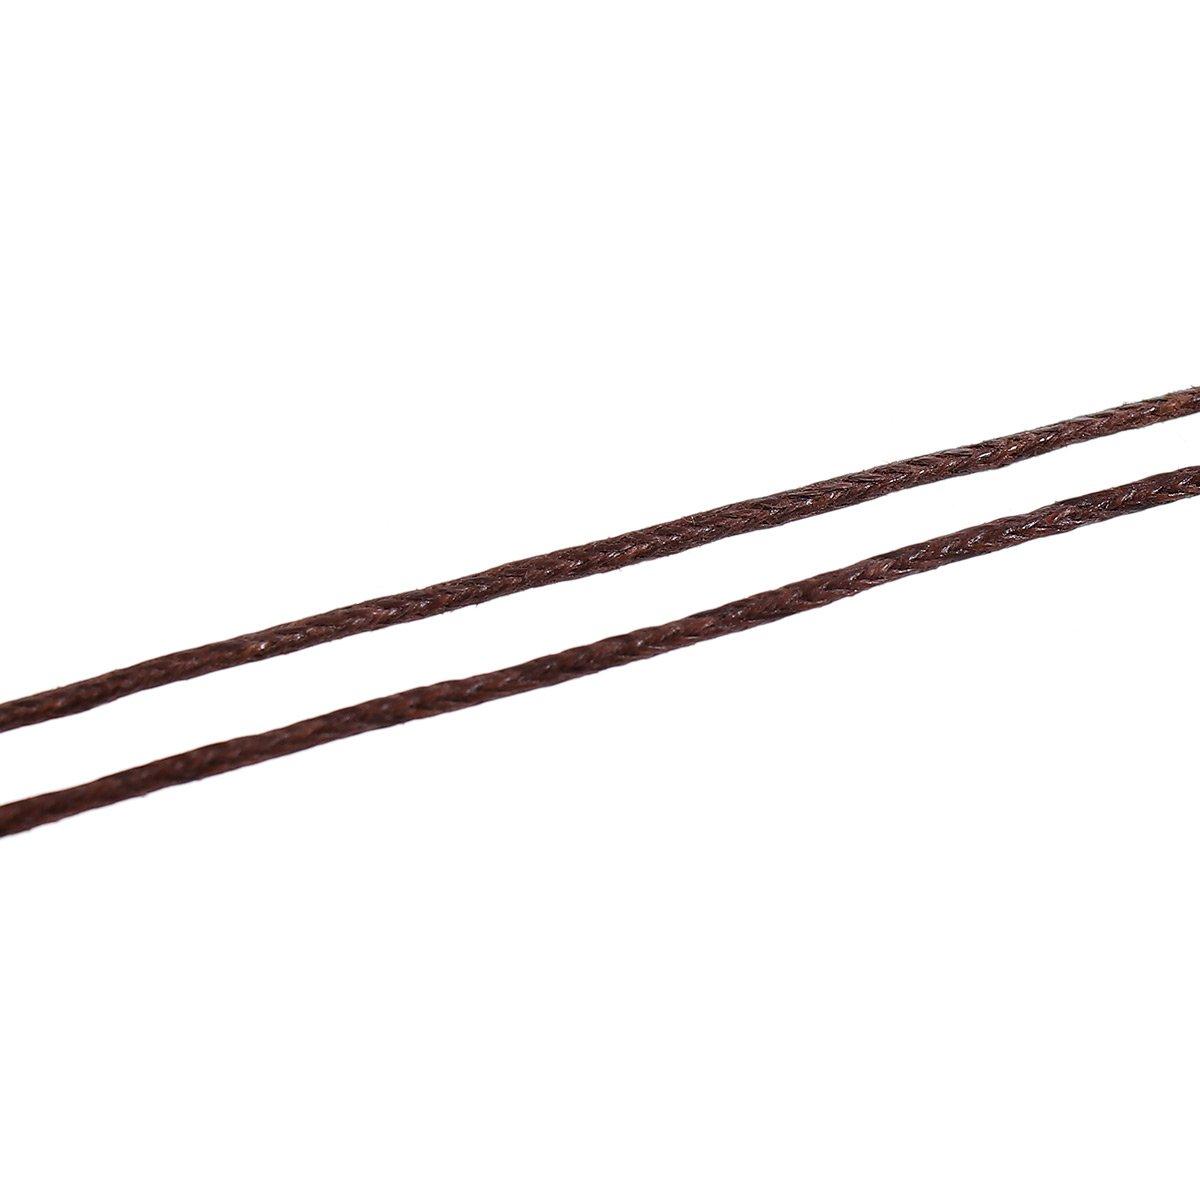 basteln 1 mm St/ärke Farbe:Braun Sadingo Wachskordel 90 Meter Makrammee Schnur Kordel f/ür Schmuck auf Rolle Armb/änder Machen